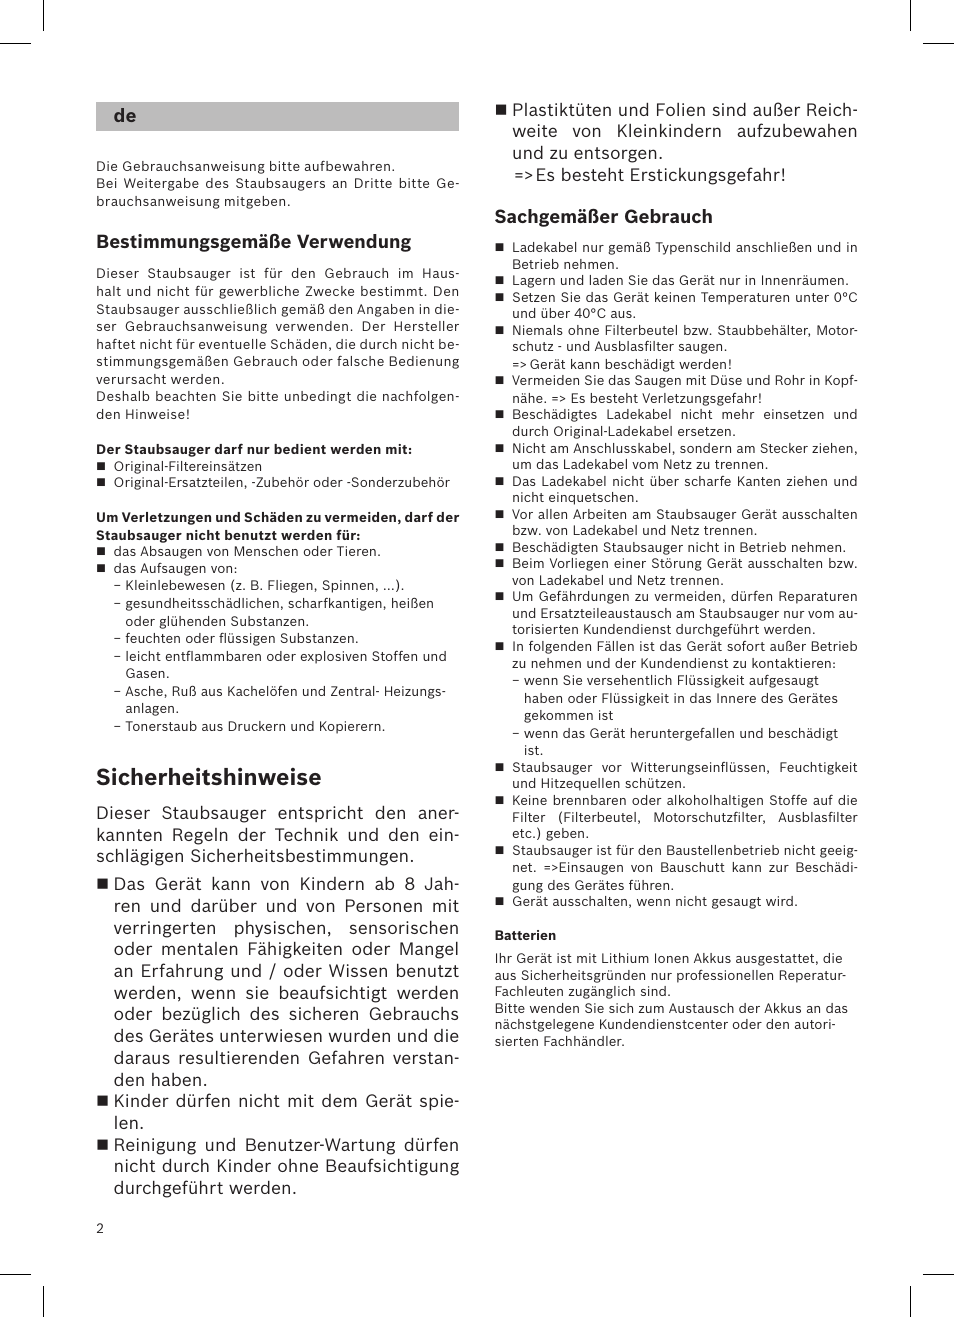 Sicherheitshinweise, Bestimmungsgemäße verwendung